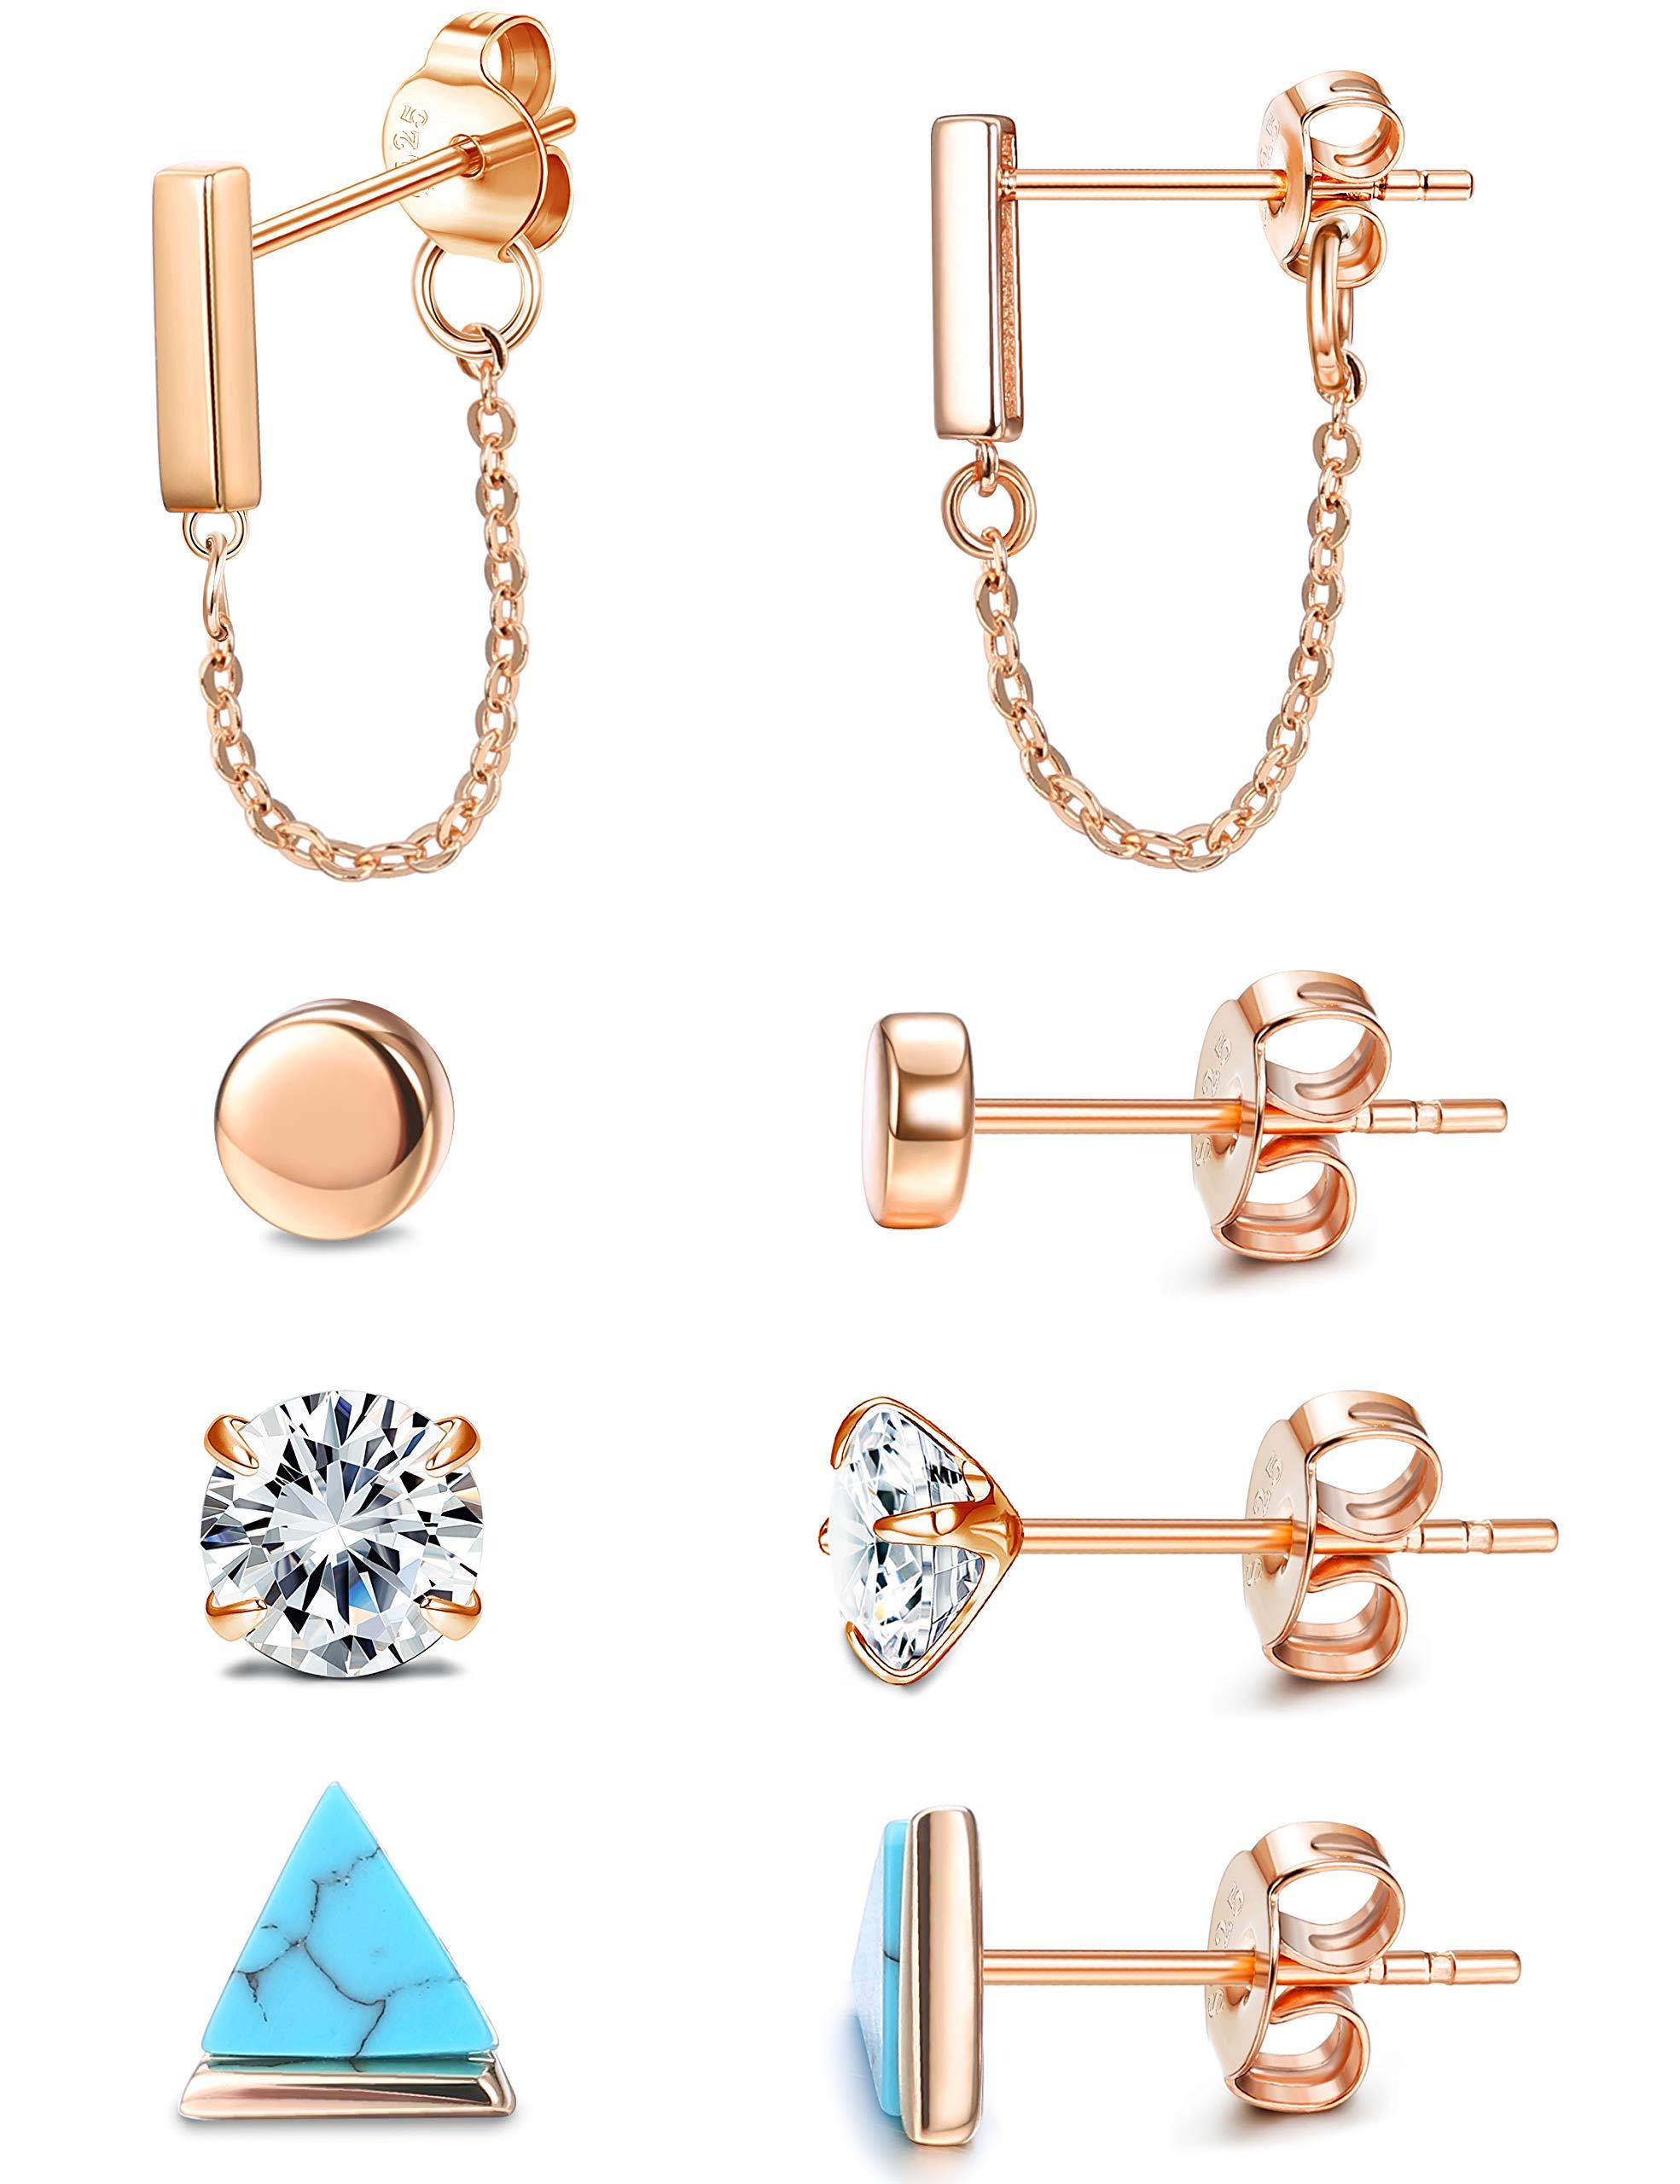 ORAZIO 4 Pairs Sterling Silver Stud Earrings for Women Men Minimalist Bar Chain Dangle Earring Small Cute CZ Flat Triangle Stud Earrings Set